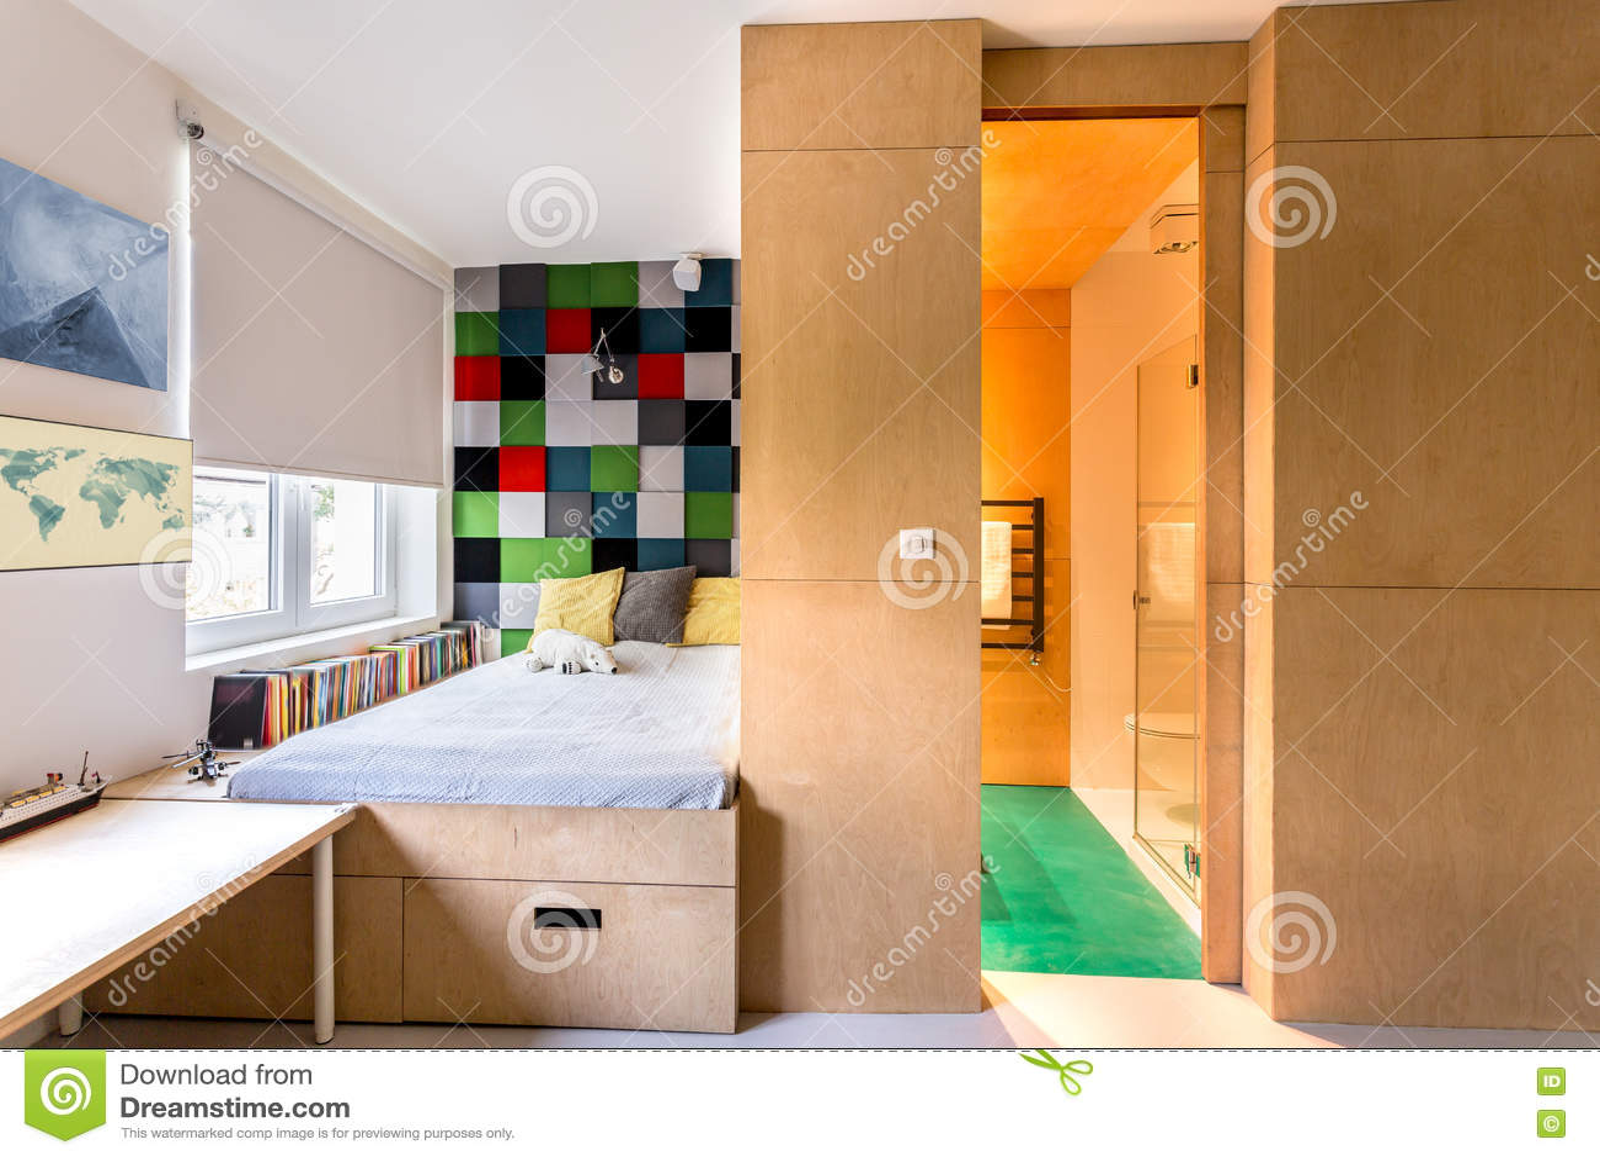 Best Chombre A Coucher Denfant En Bois Ideas - Home Decorating ...